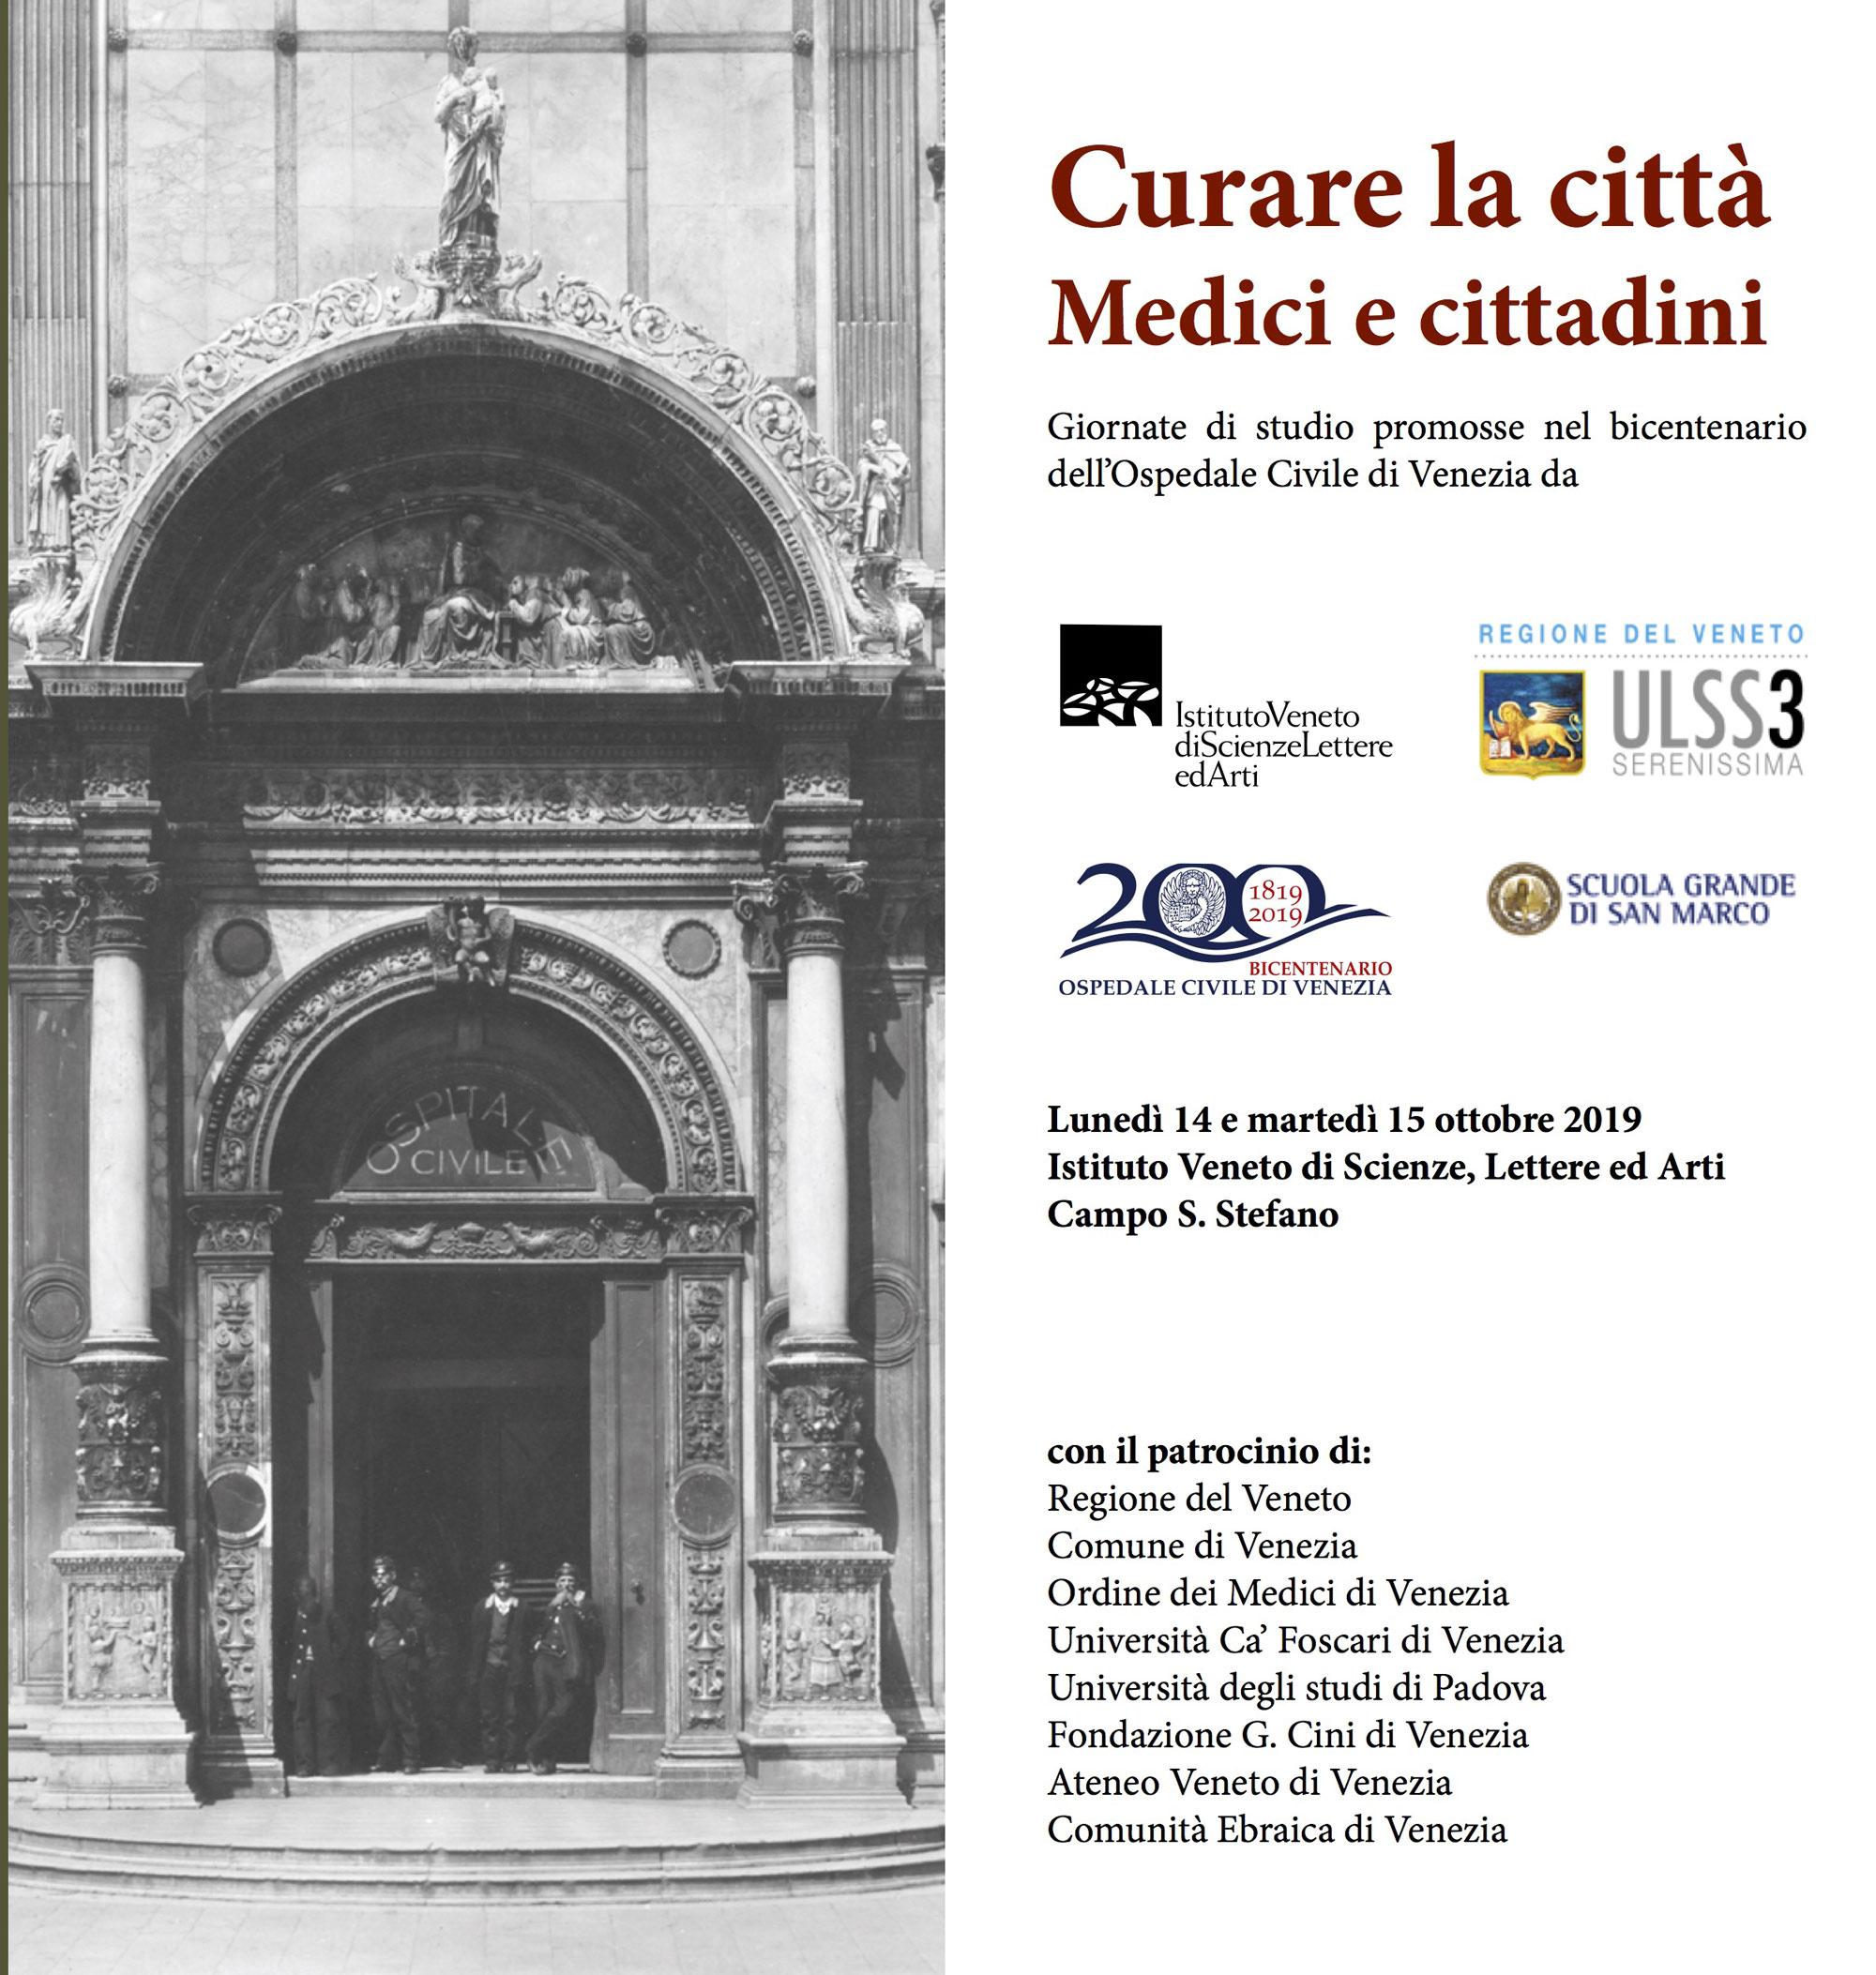 Curare la città Medici e cittadini